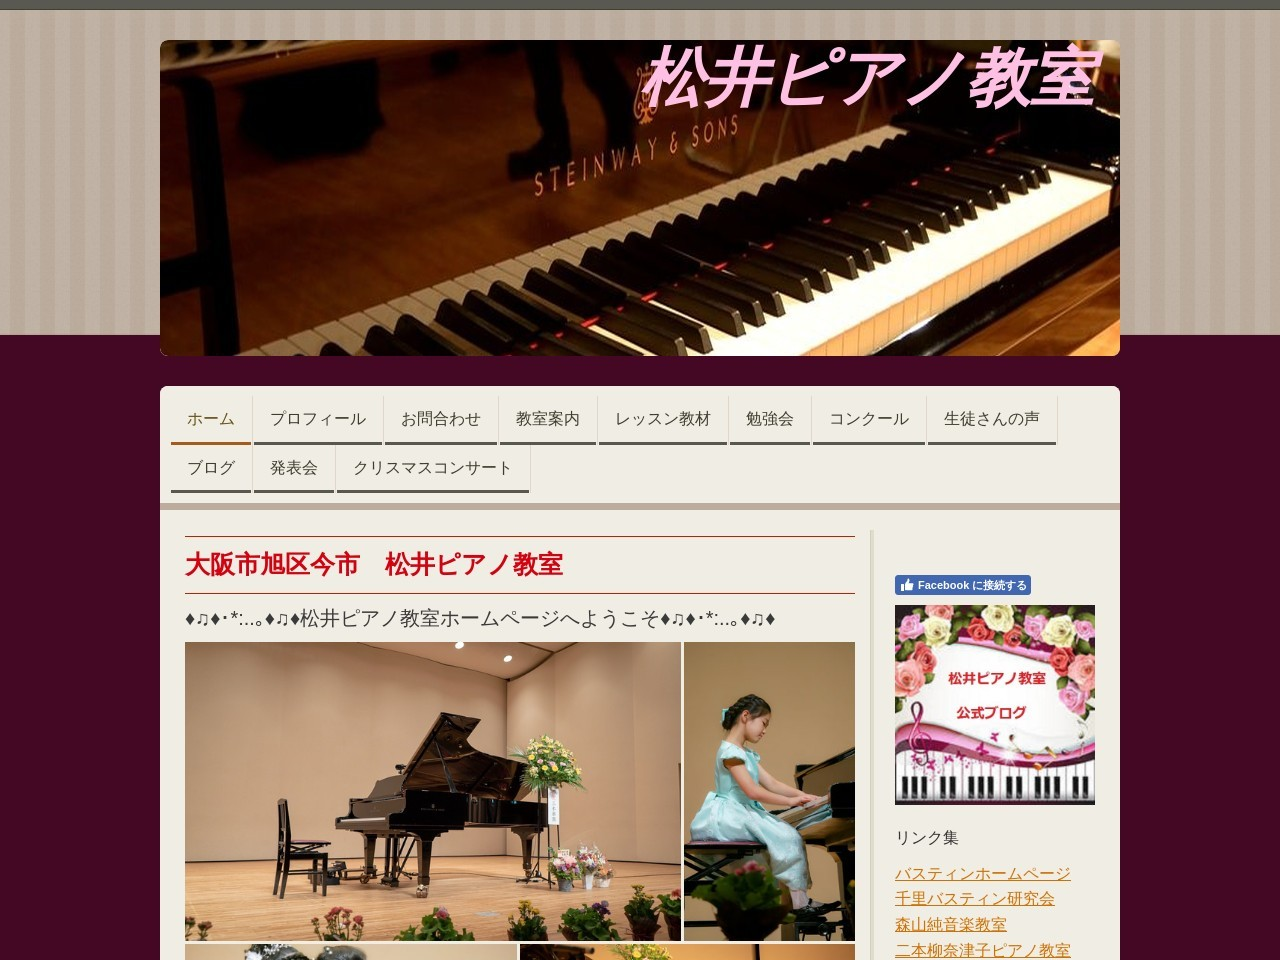 松井ピアノ教室のサムネイル